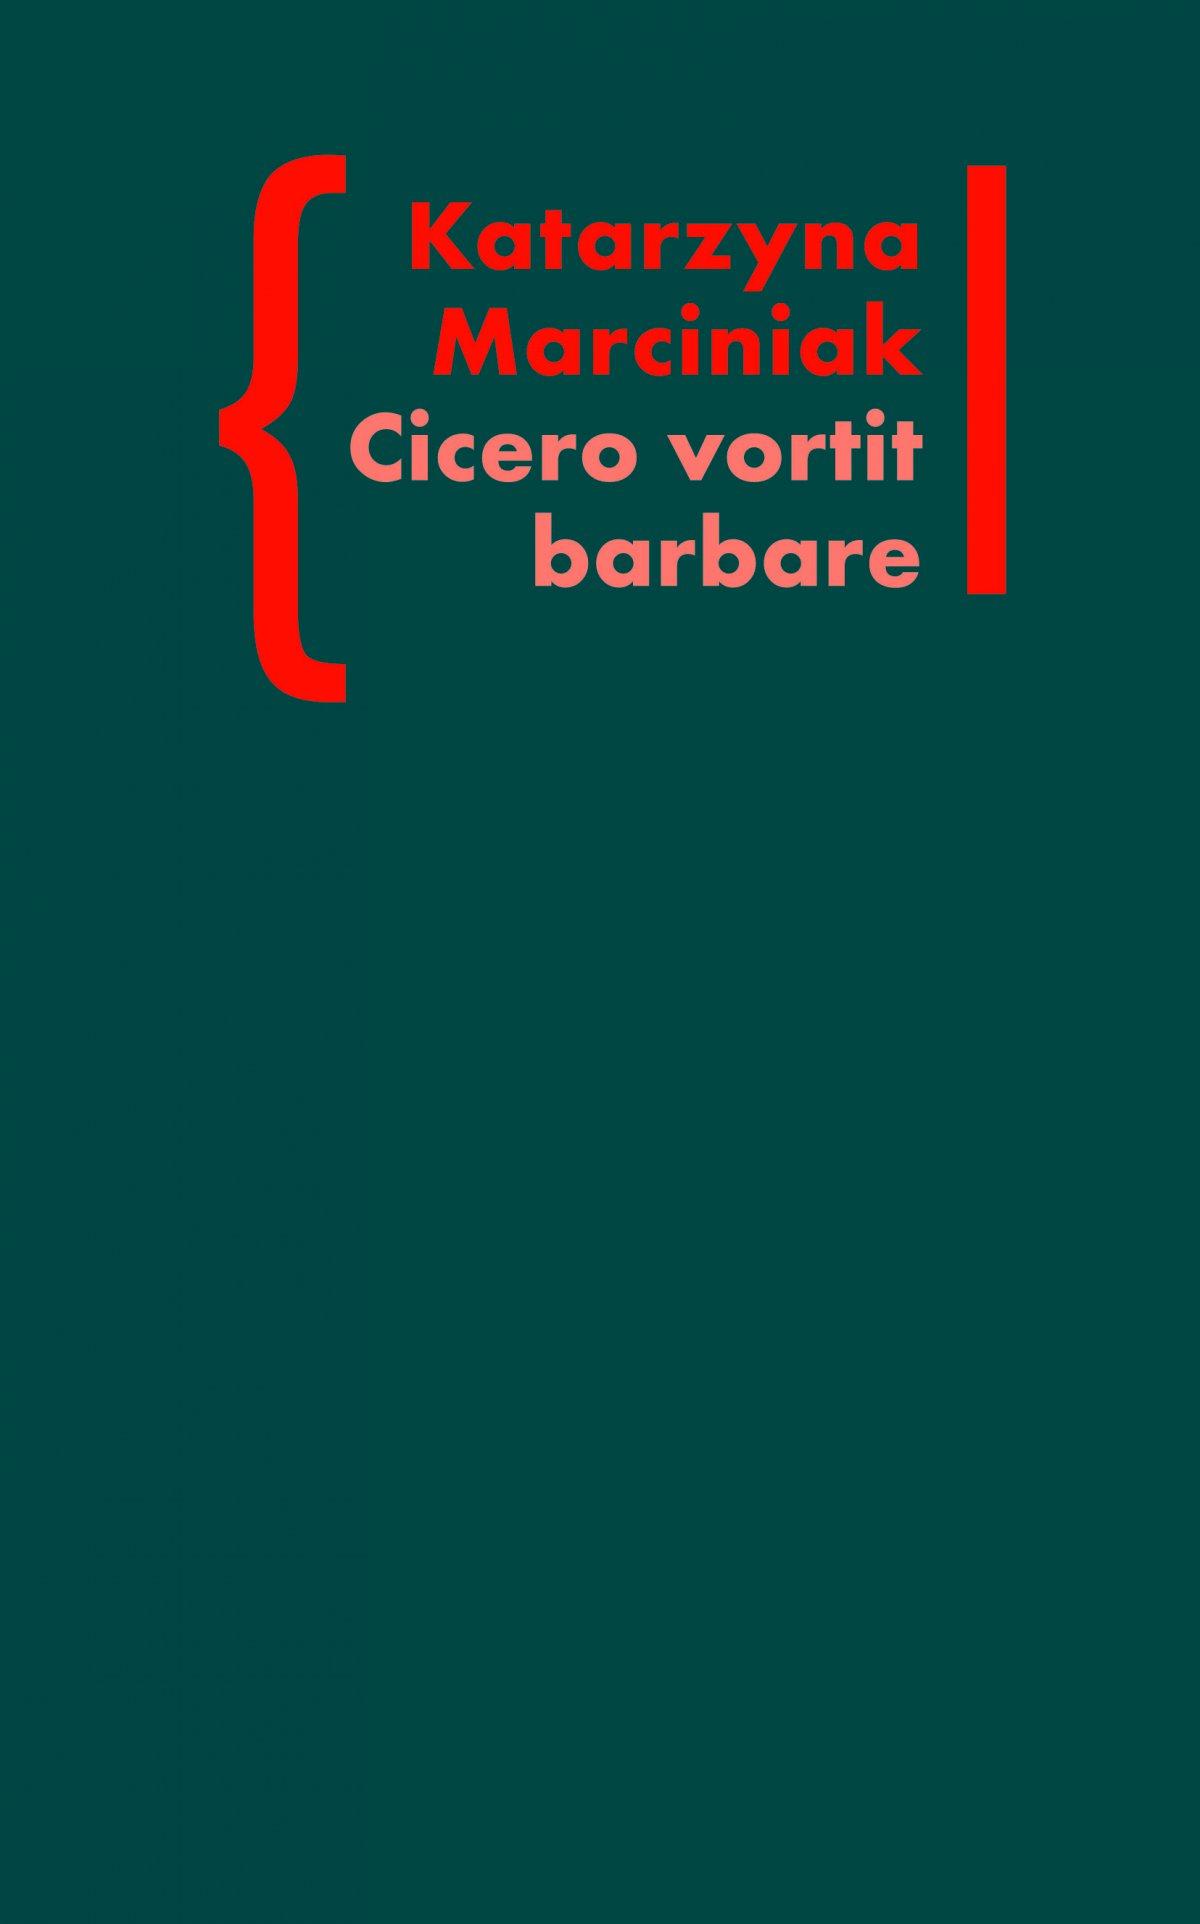 CICERO VORTIT BARBARE. Przekłady mówcy jako narzędzie manipulacji ideologicznej - Ebook (Książka EPUB) do pobrania w formacie EPUB